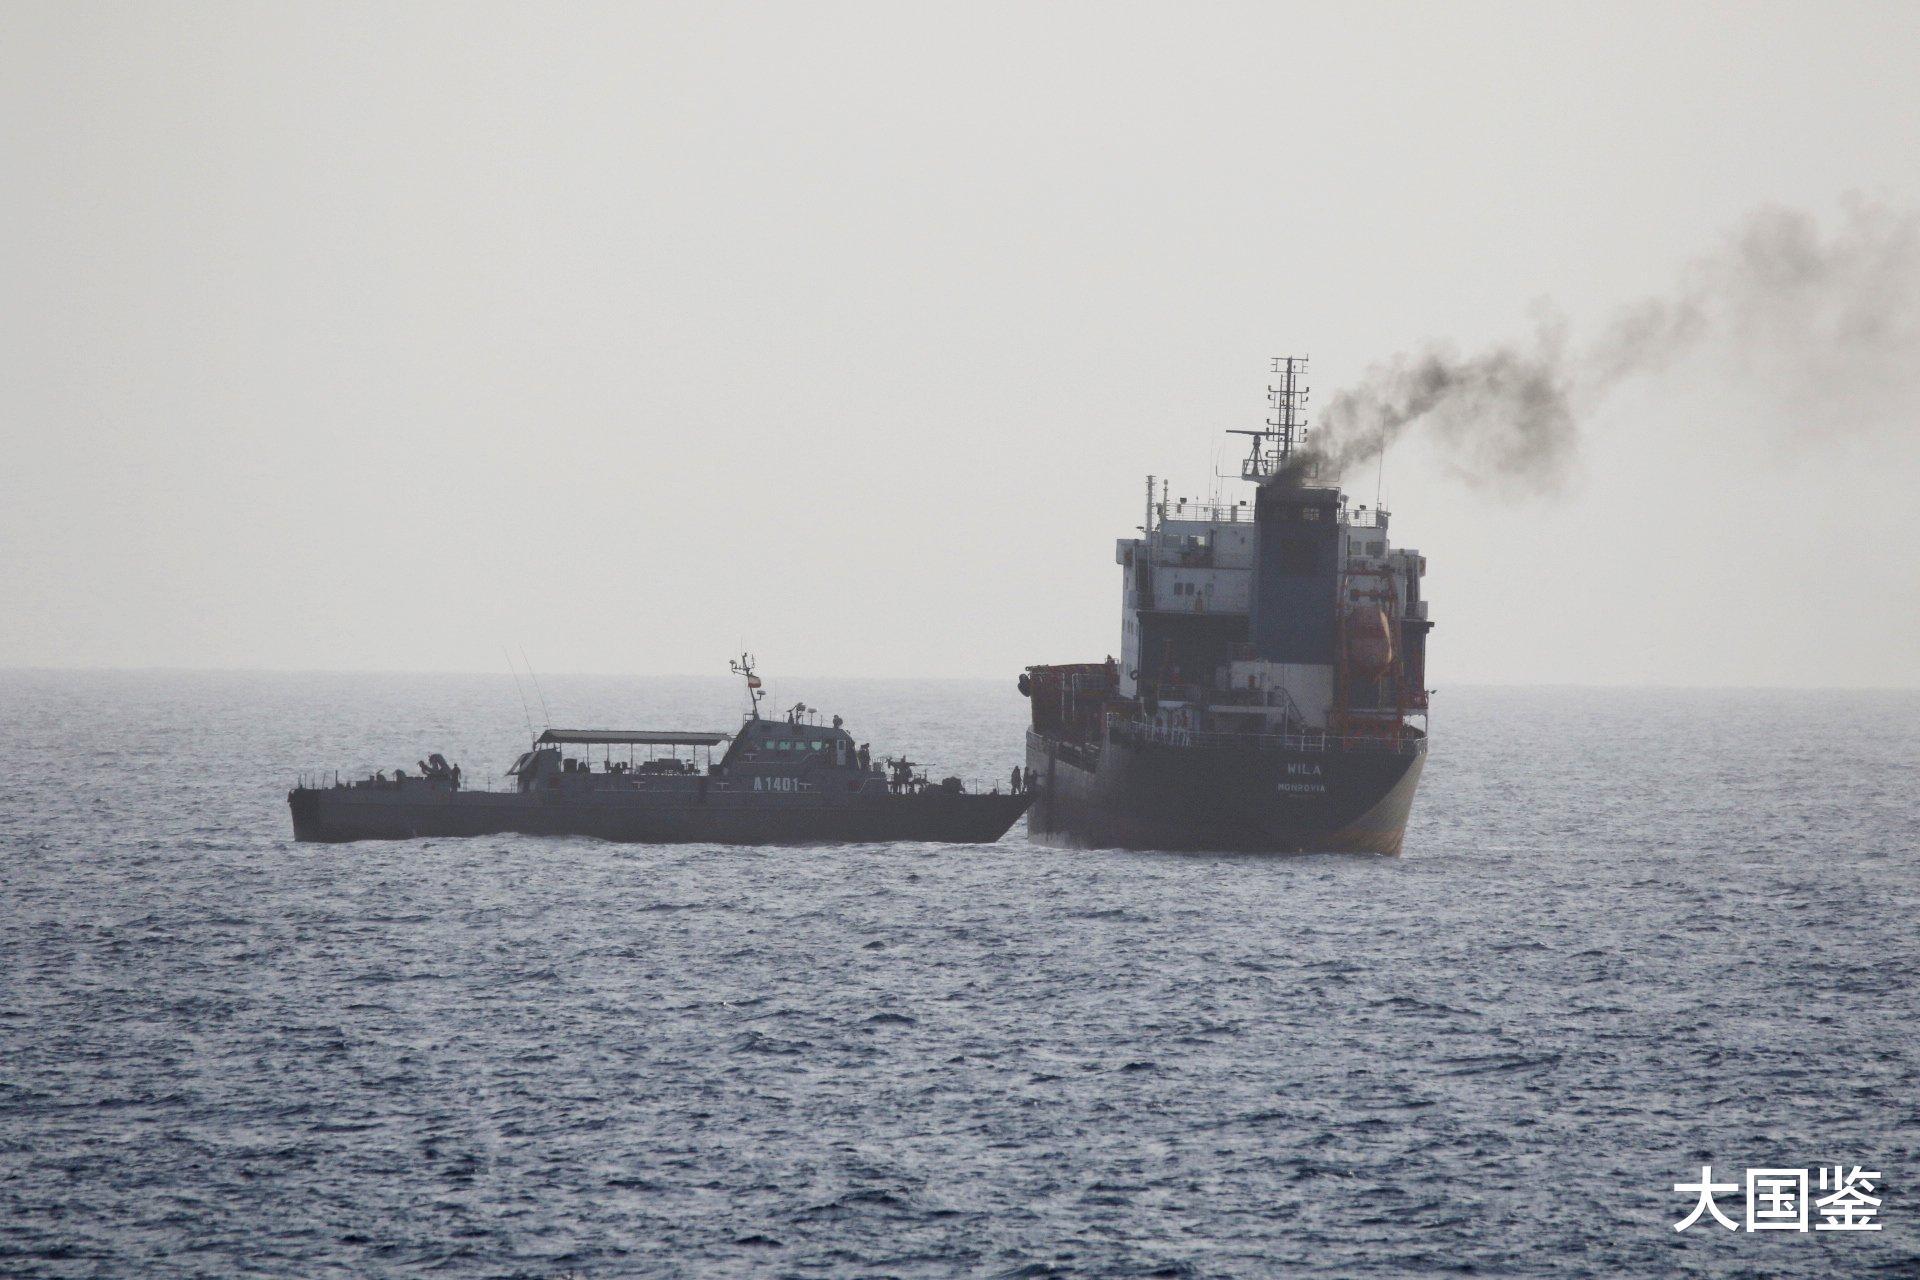 伊朗對美報復升級!特種兵空降俘獲輪船,大批美艦解救失敗-圖4